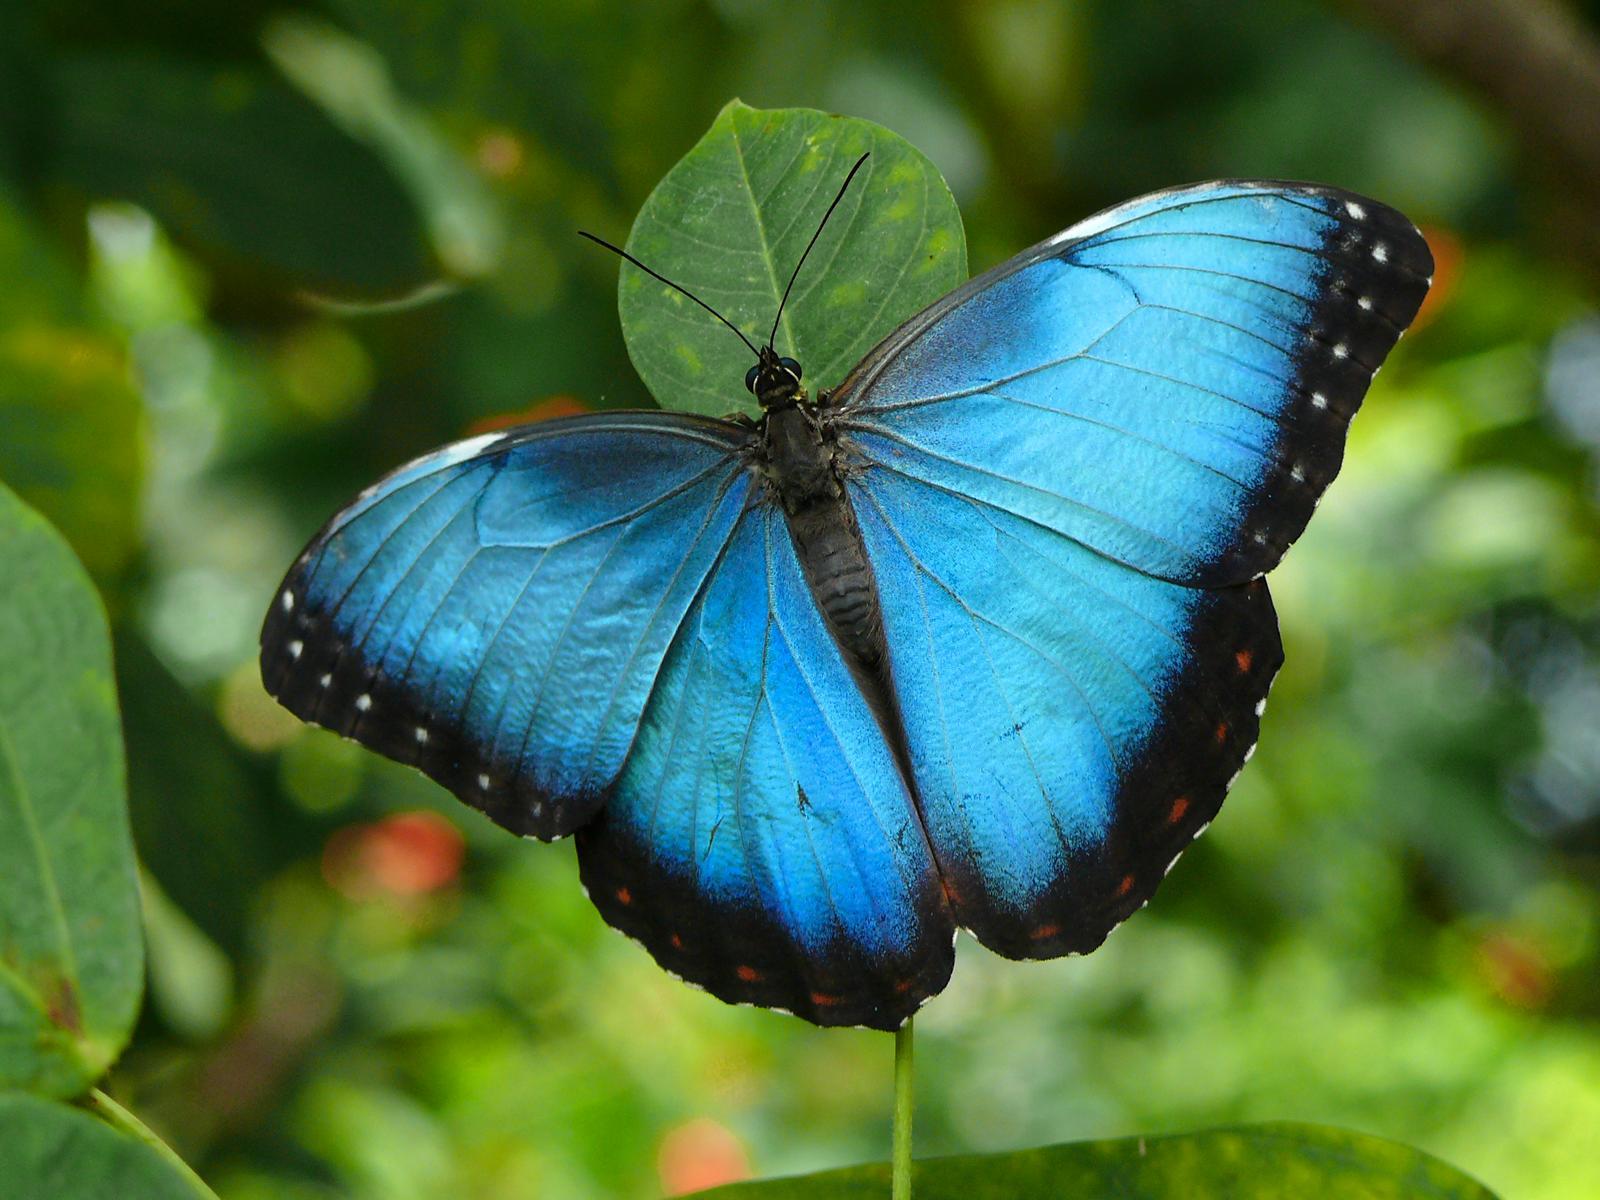 Синяя бабочка на фоне зелени, скачать фото, обои для рабочего стола